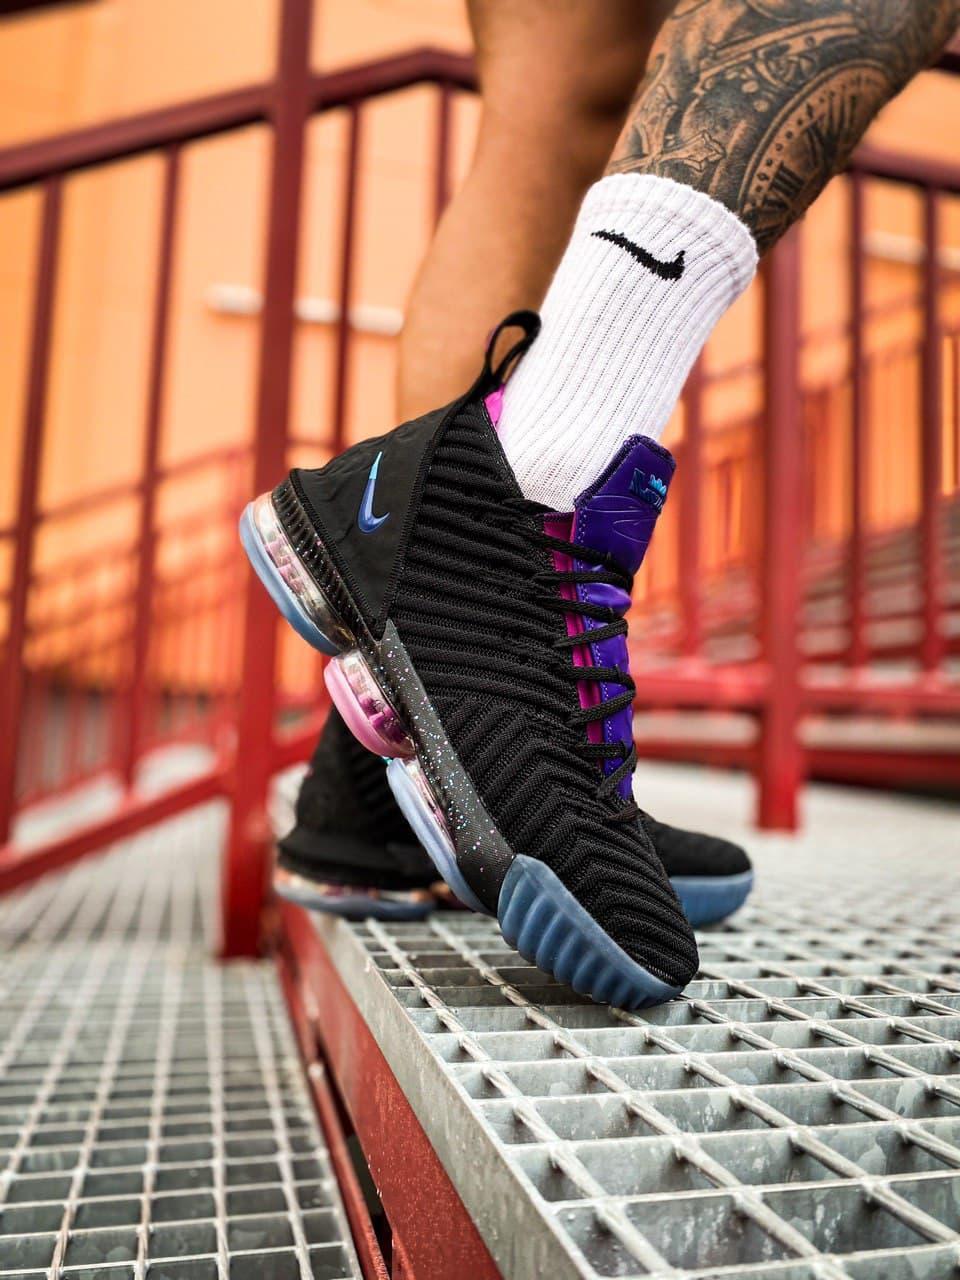 Кросівки чоловічі Nike LeBron 16 White Graffiti Black